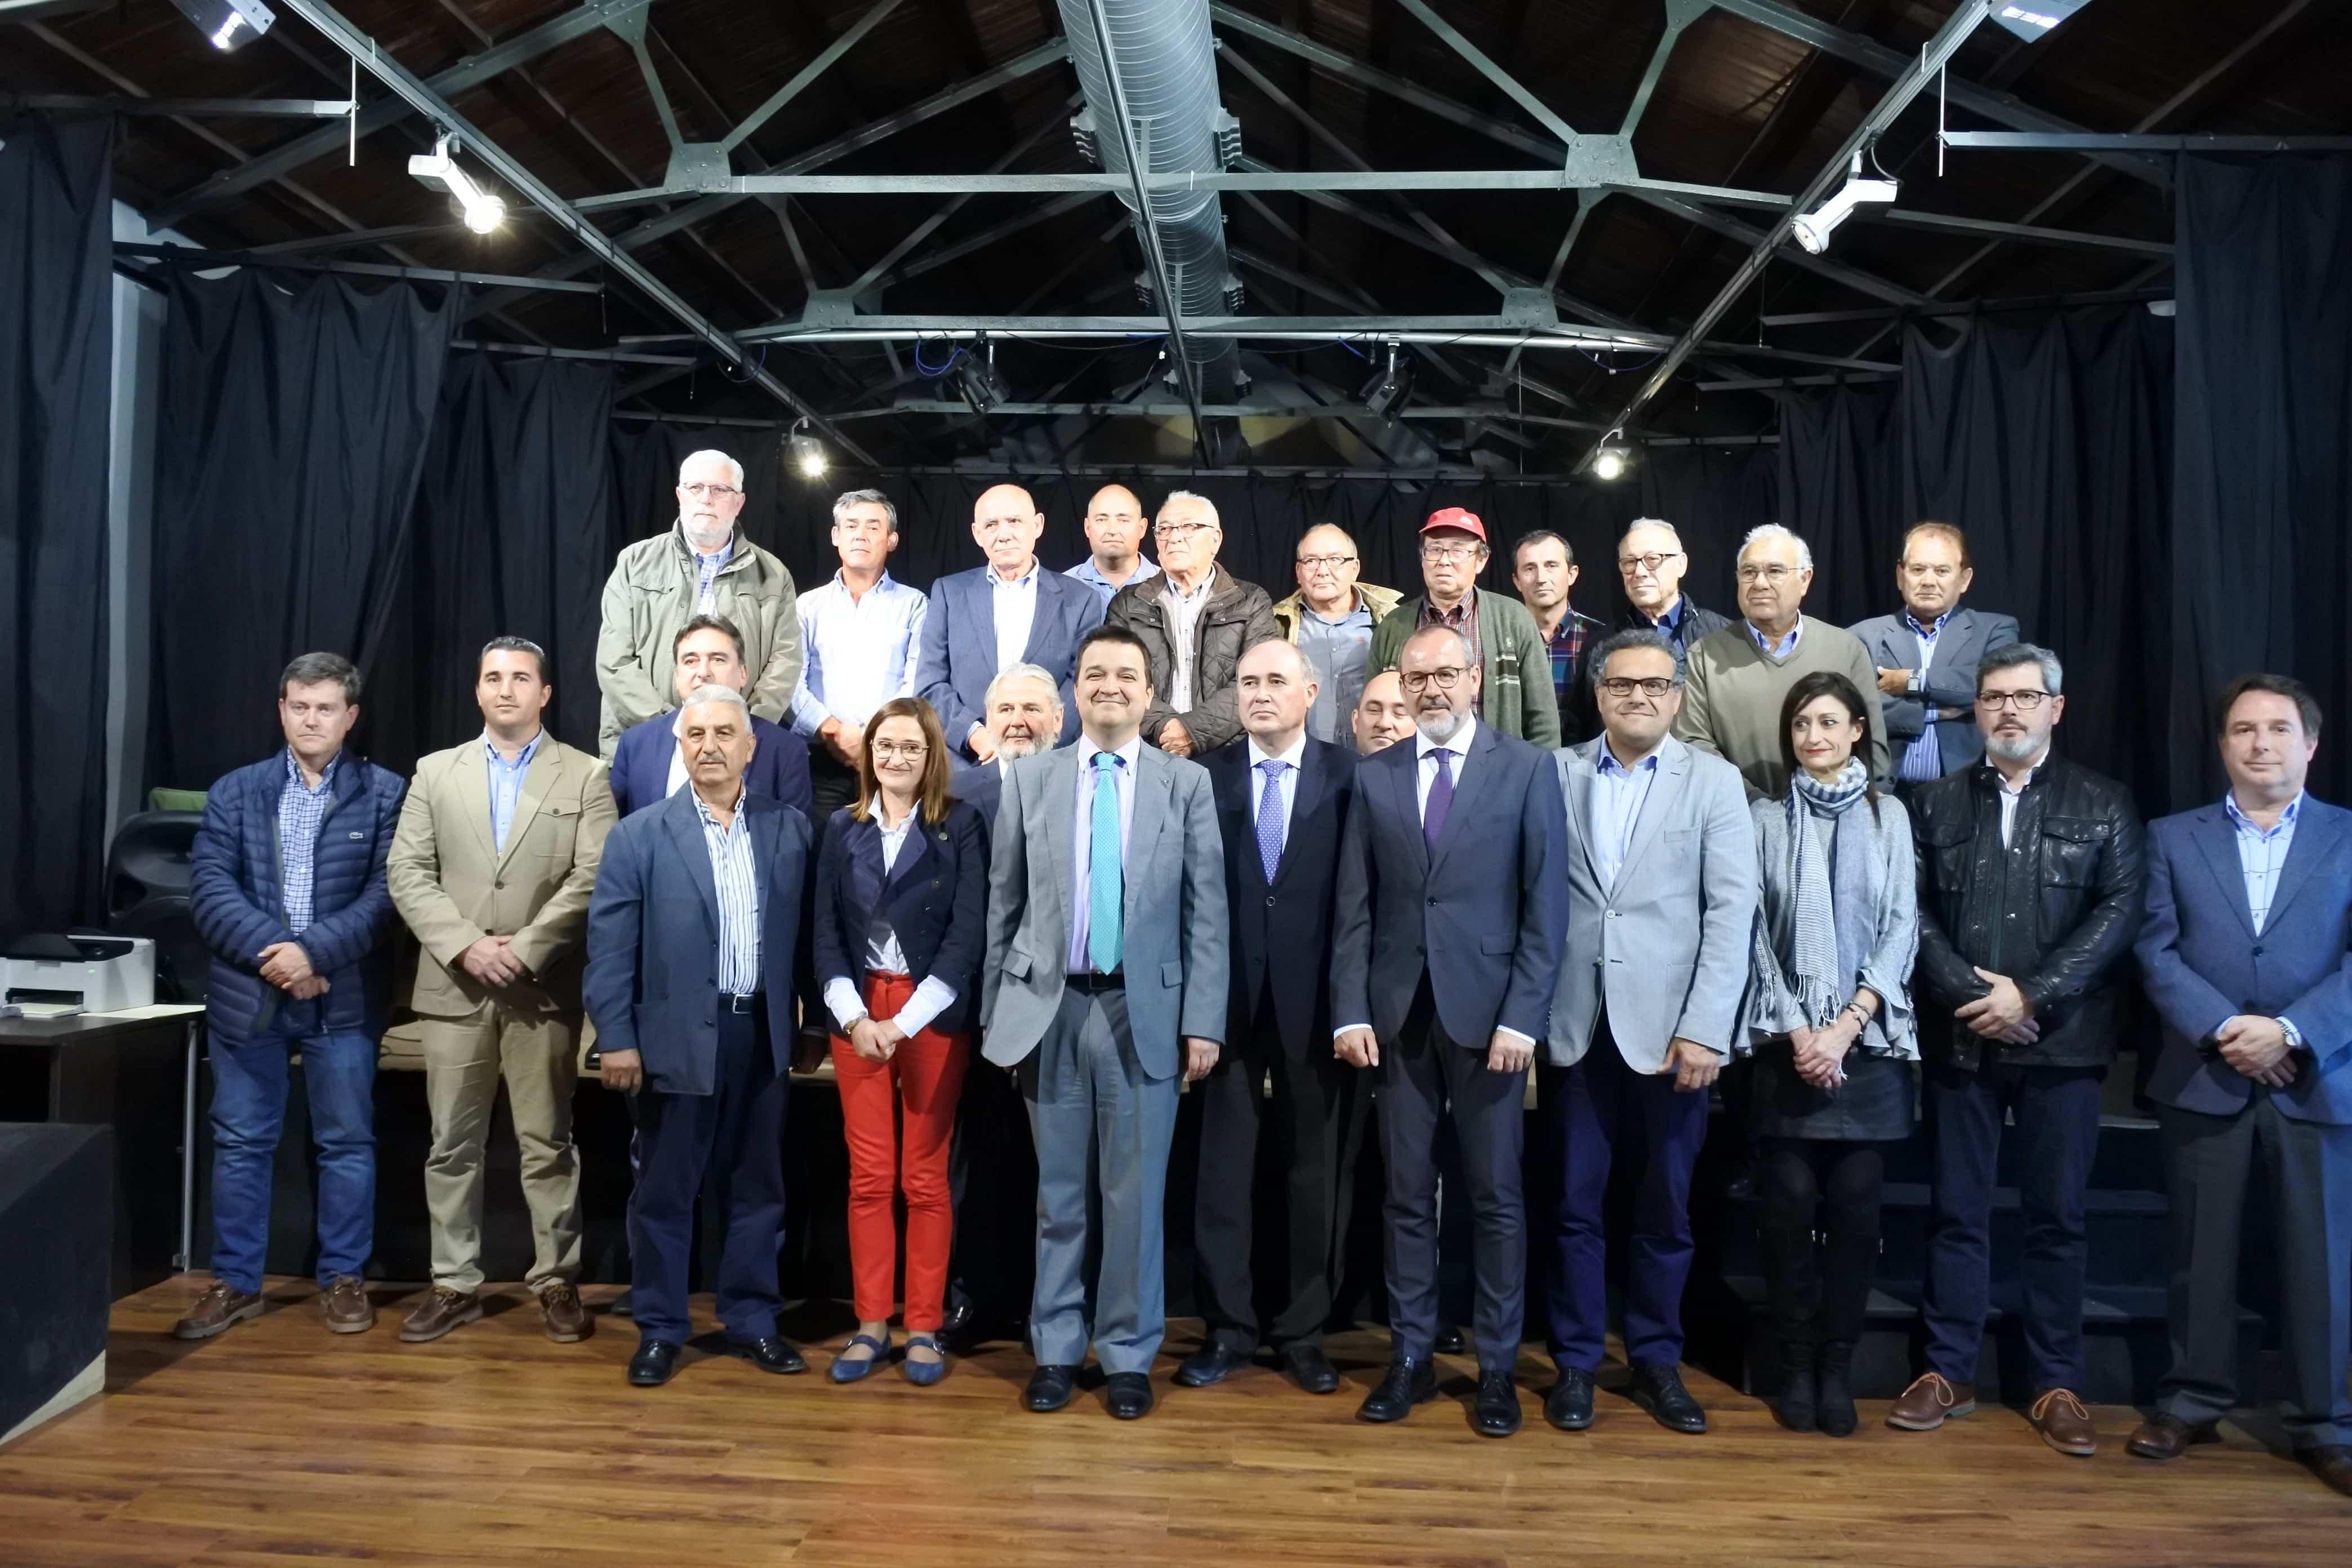 FAMILIA FEDERACION REGANTES - La Federación de Comunidades de Regantes de la región ya es una realidad desde hoy